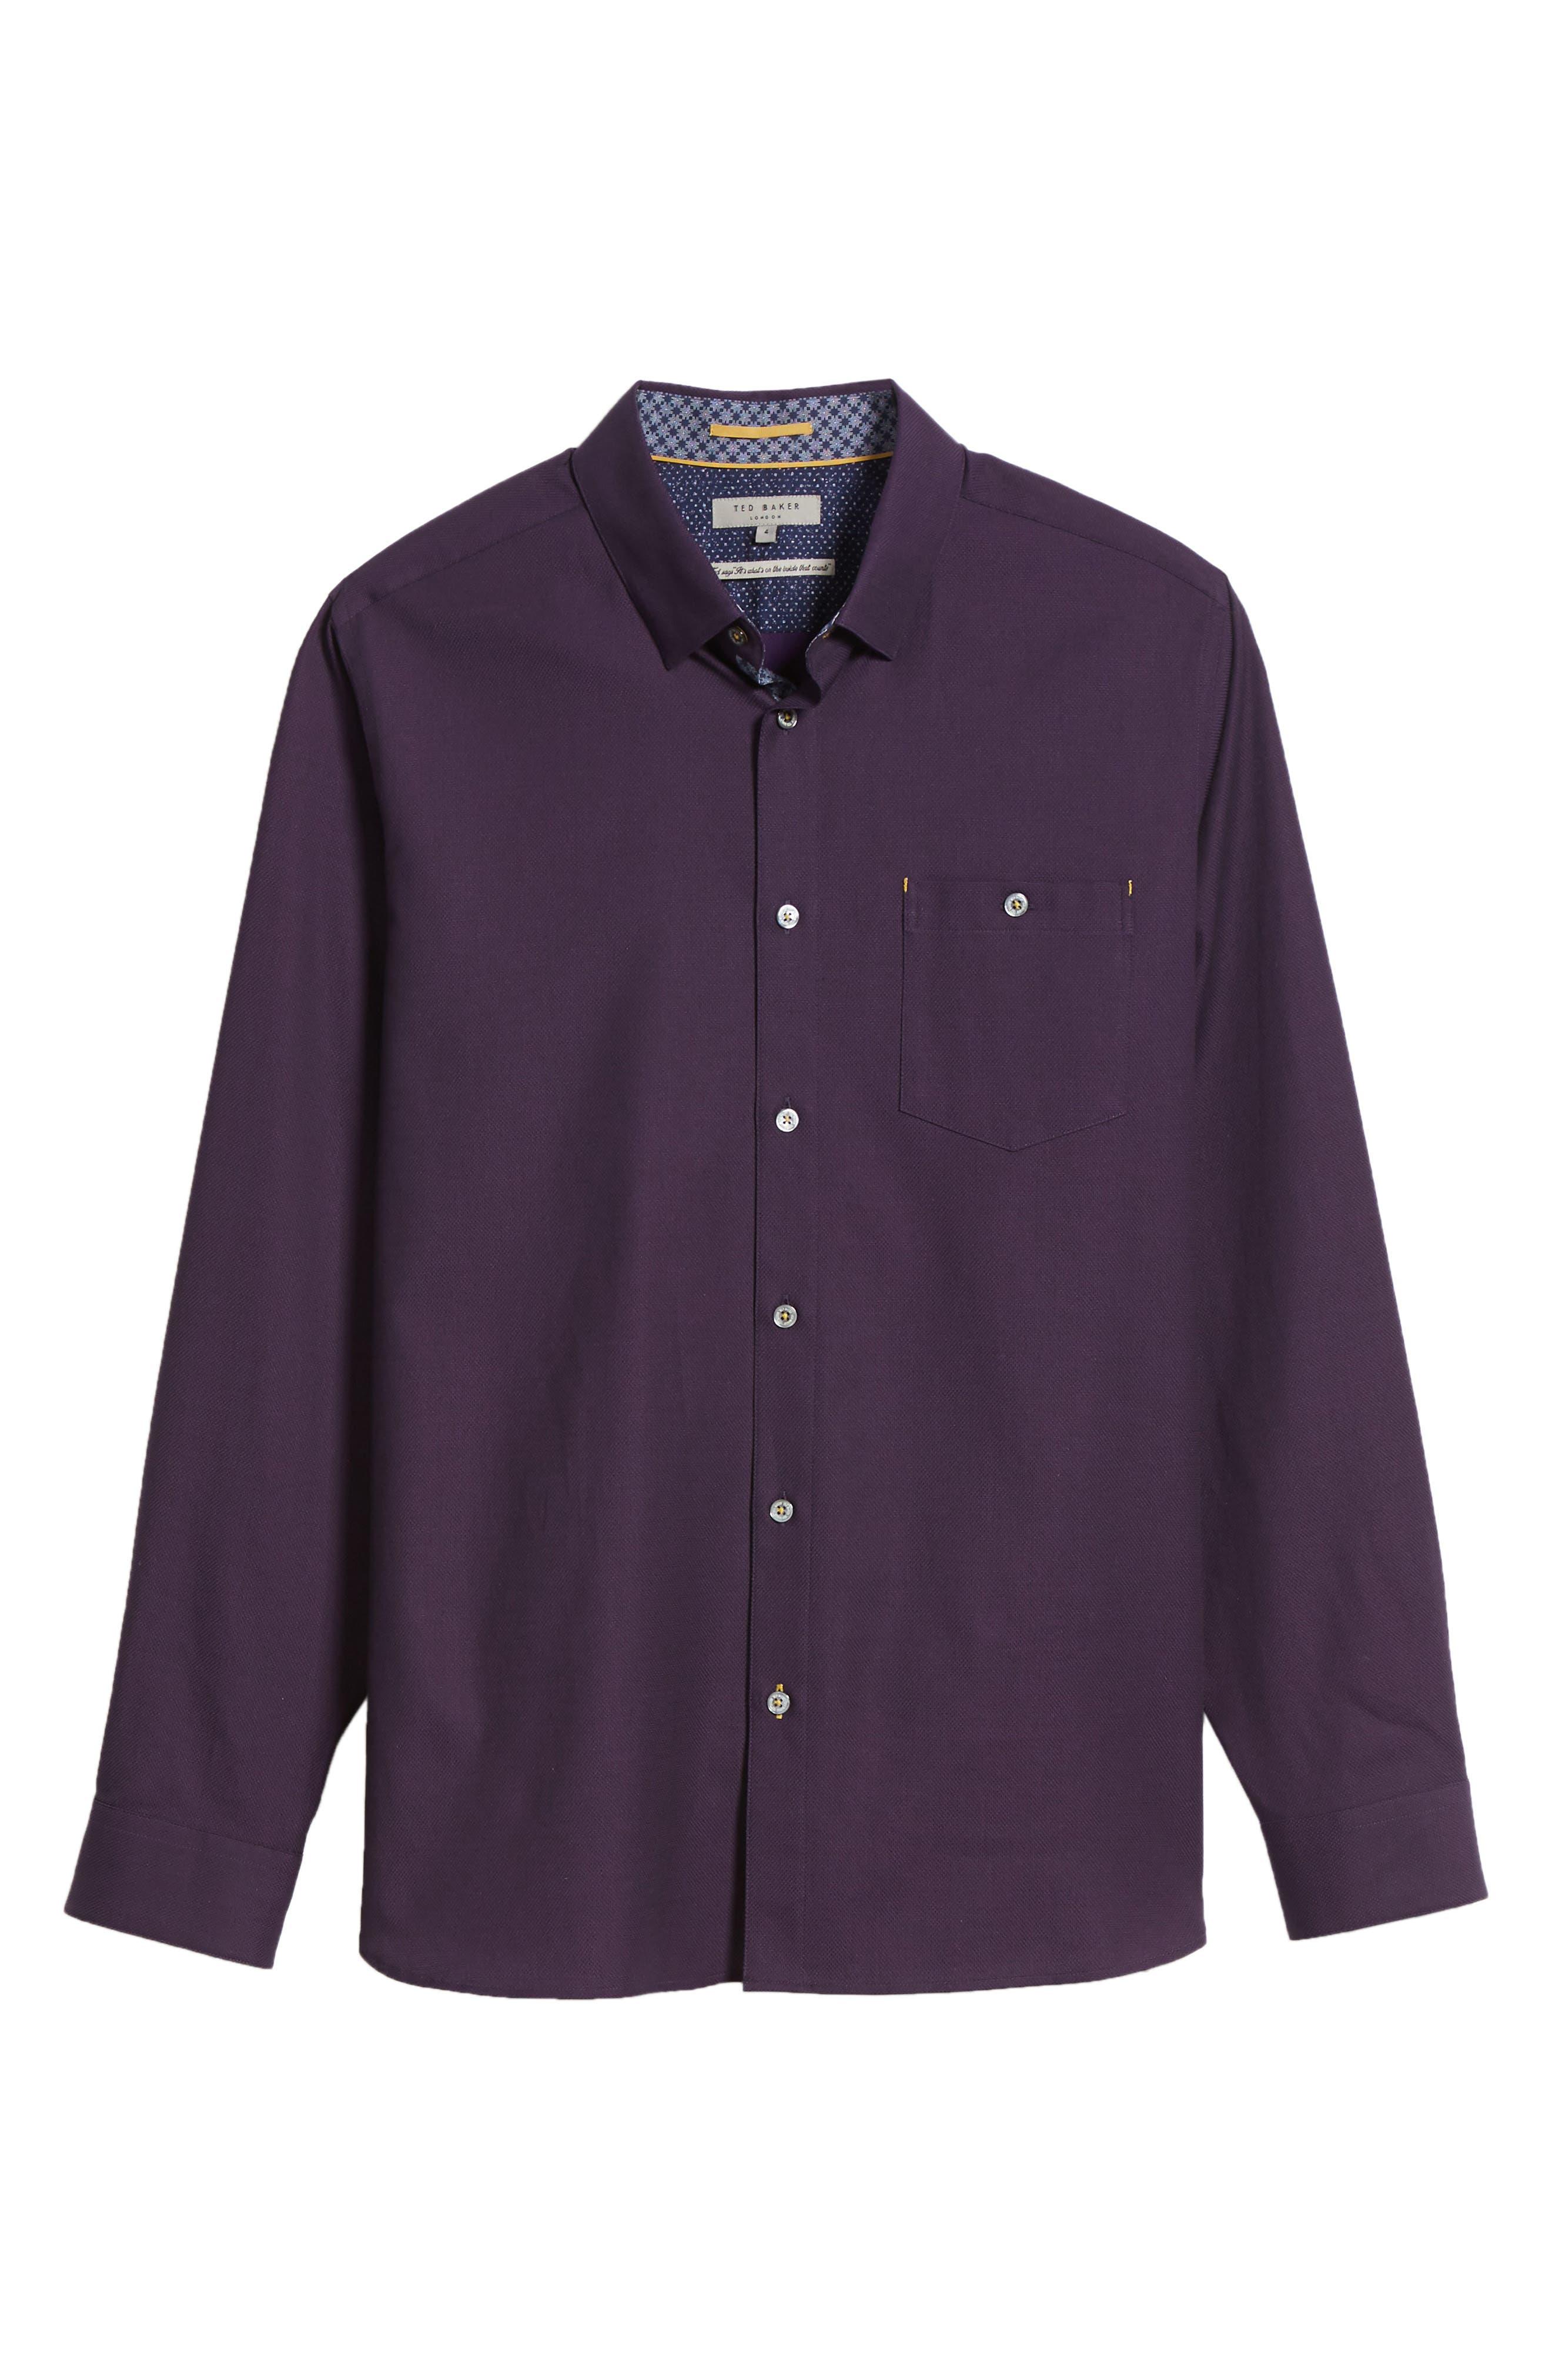 Nordlux Modern Slim Fit Stretch Cotton Sport Shirt,                             Alternate thumbnail 6, color,                             Deep Purple